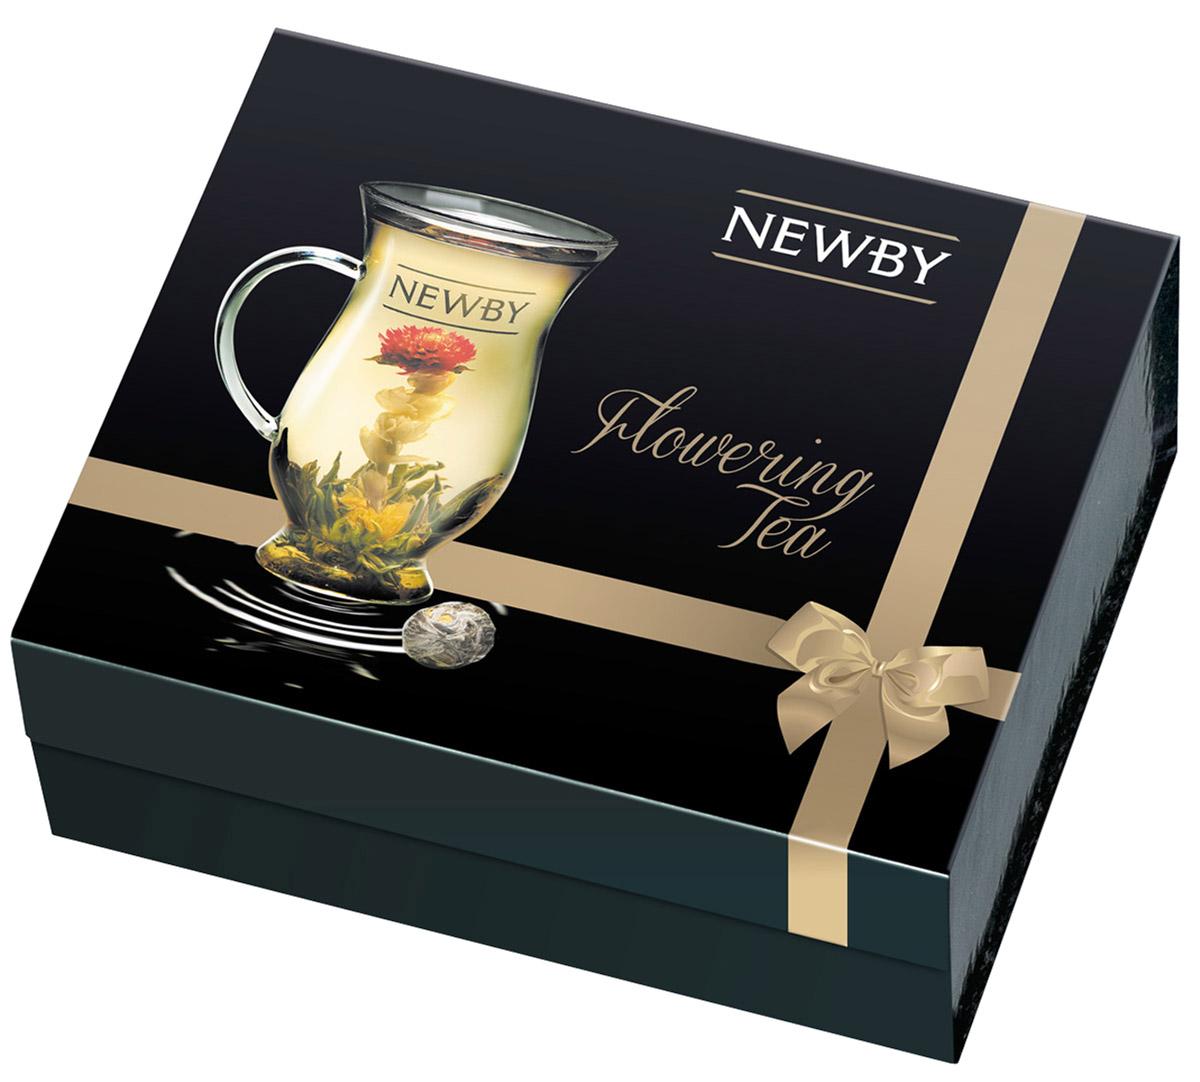 Newby Gift Set Подарочный набор чая (5 вкусов) + чашкаTALTHA-GP0005Коллекция эксклюзивных распускающихся китайских чаев Newby Gift Set, рассчитана на одну персону. Эти маленькие шарики сворачиваются и скрепляются вручную. Для их создания используется душистый китайский чай высшего качества, собранный только в период прайм-тайм.Чай Гармония: чай зеленый байховый с цветками мариголд и жасминаЧай Личи: чай зеленый байховый ароматизированный с ароматом личи, цветы мариголд, амаранта, жасминаЧай Роза: чай зеленый байховый ароматизированный с ароматом розы, цветы амарантаЧай Страсть: чай зеленый байховый с цветками мариголд, жасмина и амарантаЧай Юнион: чай зеленый байховый с цветками мариголд и амаранта